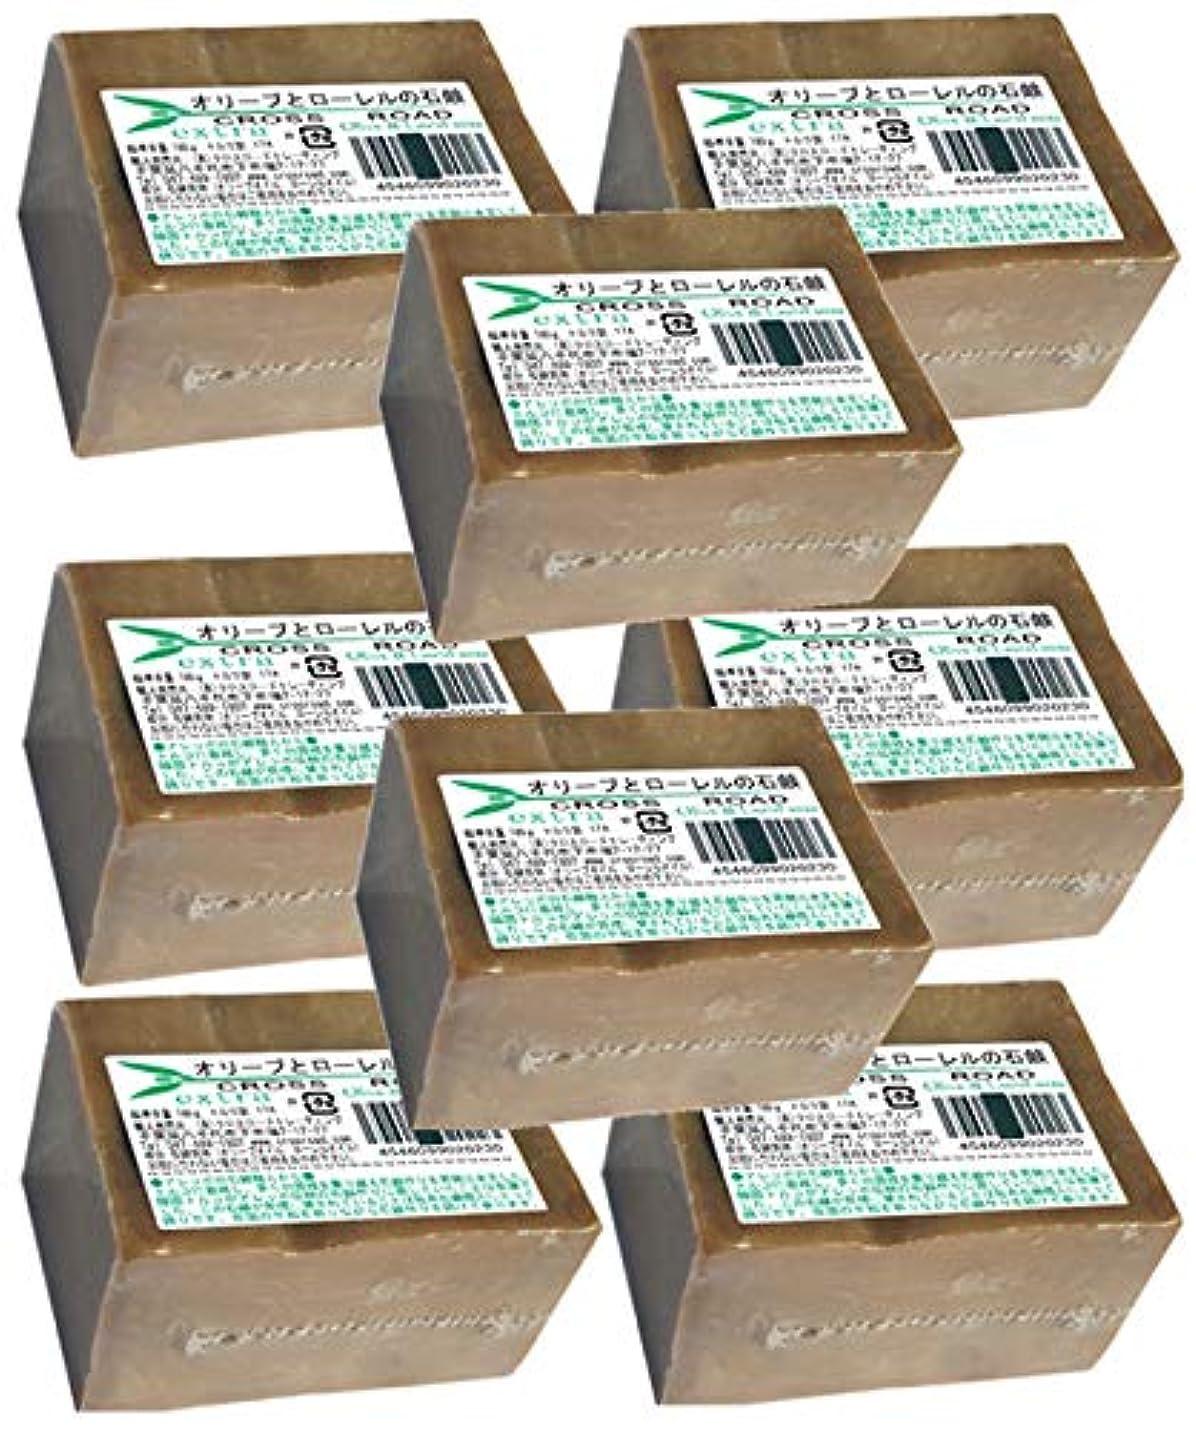 踏み台二十着るオリーブとローレルの石鹸(エキストラ)8個セット[並行輸入品]